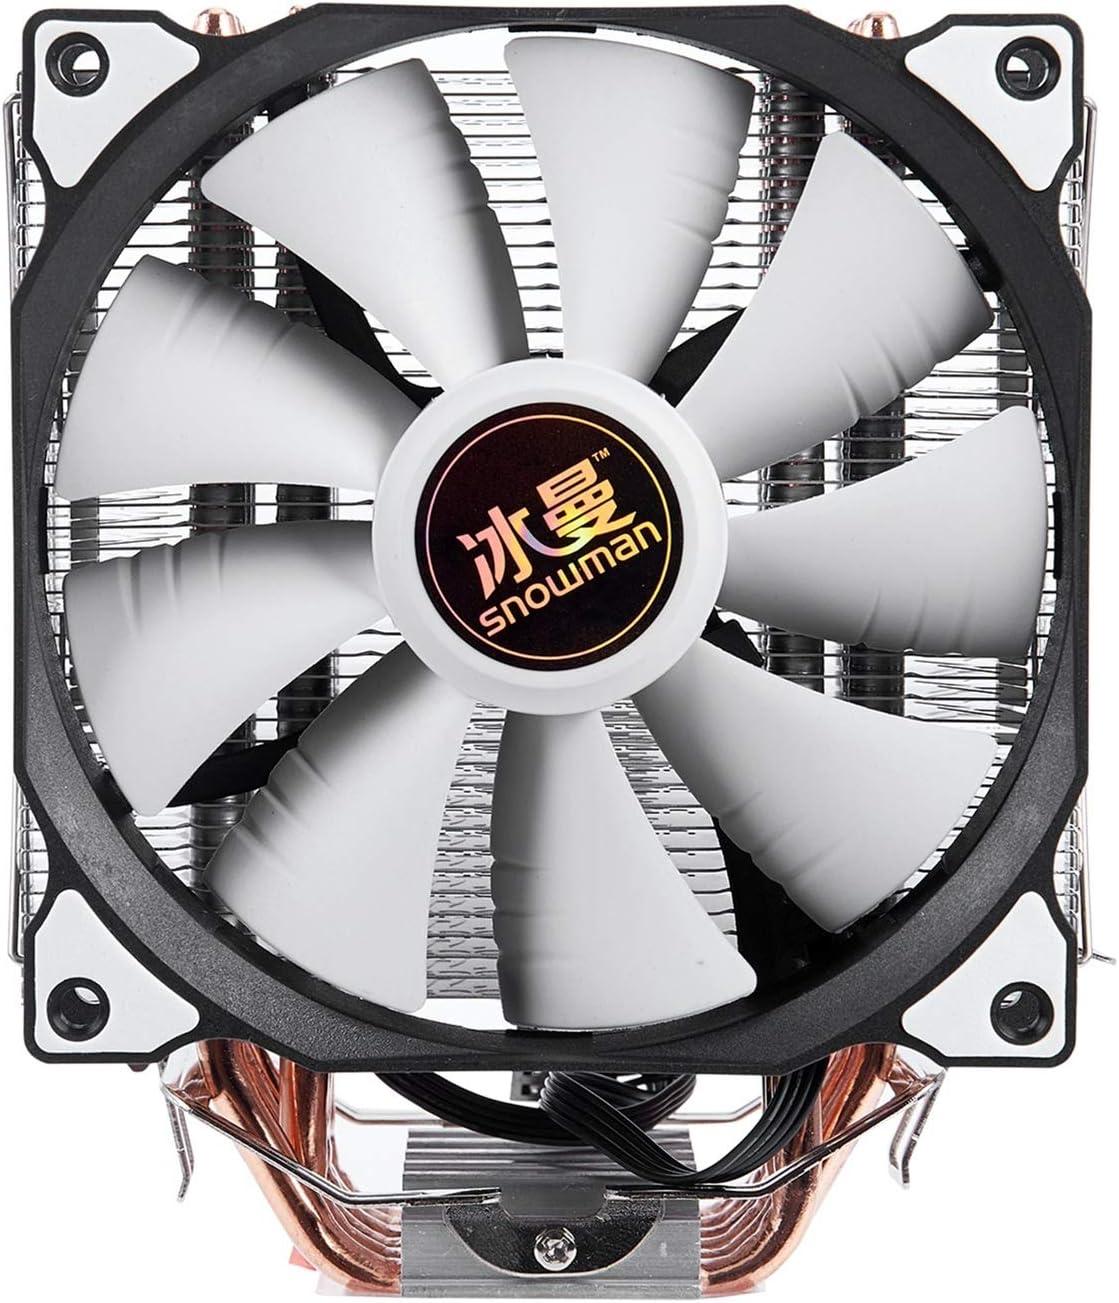 Range Tranquilo 4Pin CPU Cooler 6 Tubo De Calefacción Un Solo Ventilador De Refrigeración 12 Cm Ventilador LGA775 1151 115X 1366 Soporte Intel AMD Fácil de Transportar e Instalar